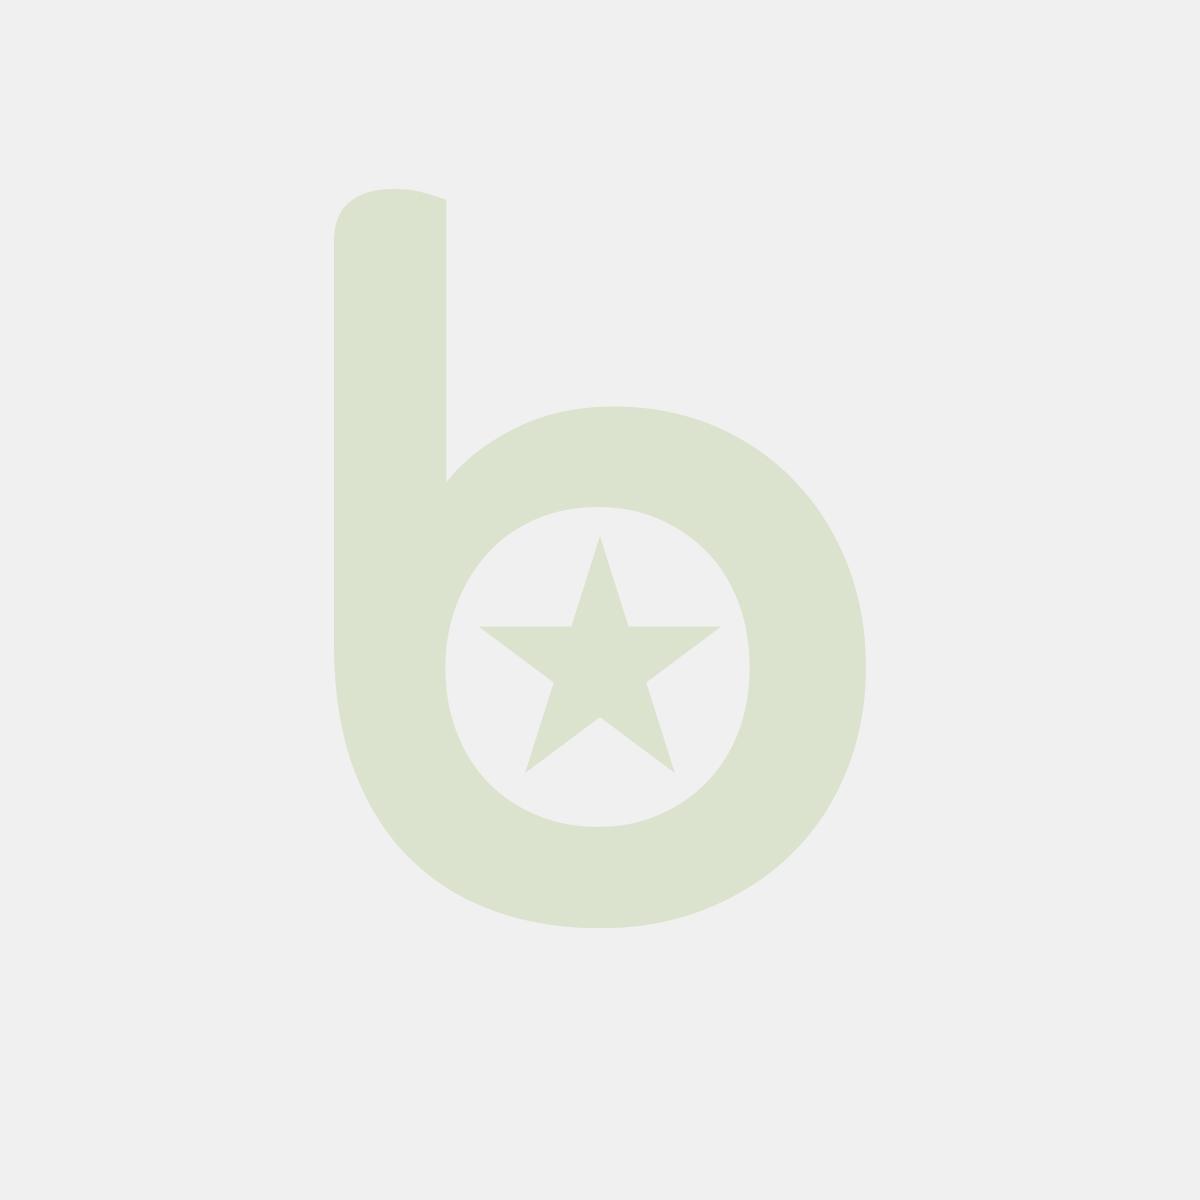 Koperta powietrzna A/11 Rozmiar wewnętr zny (mm) 100 x 165, Rozmiar zewnętrzny (